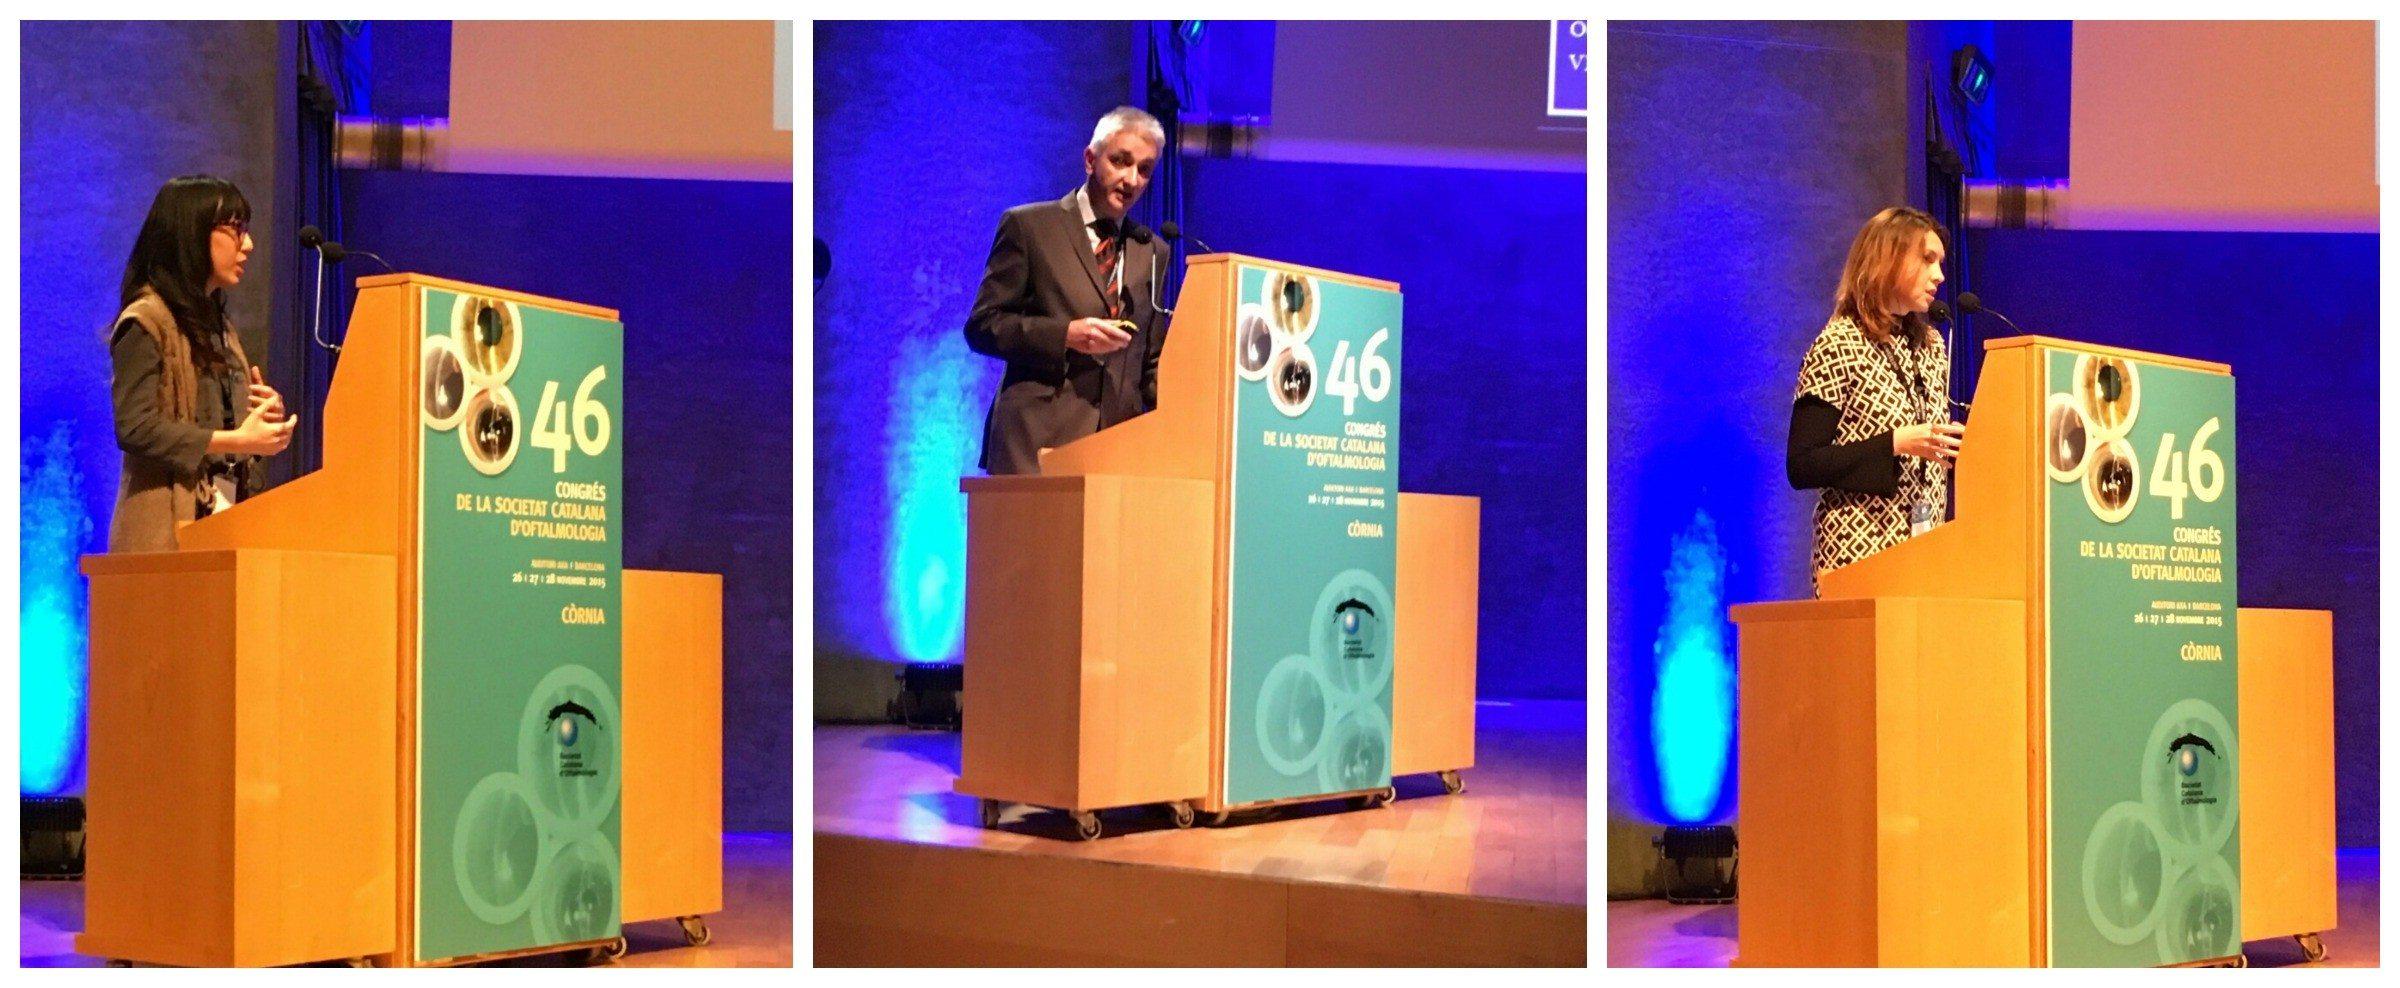 Participació destacada de l'ICR al 46è Congrés de la Societat Catalana d'Oftalmologia